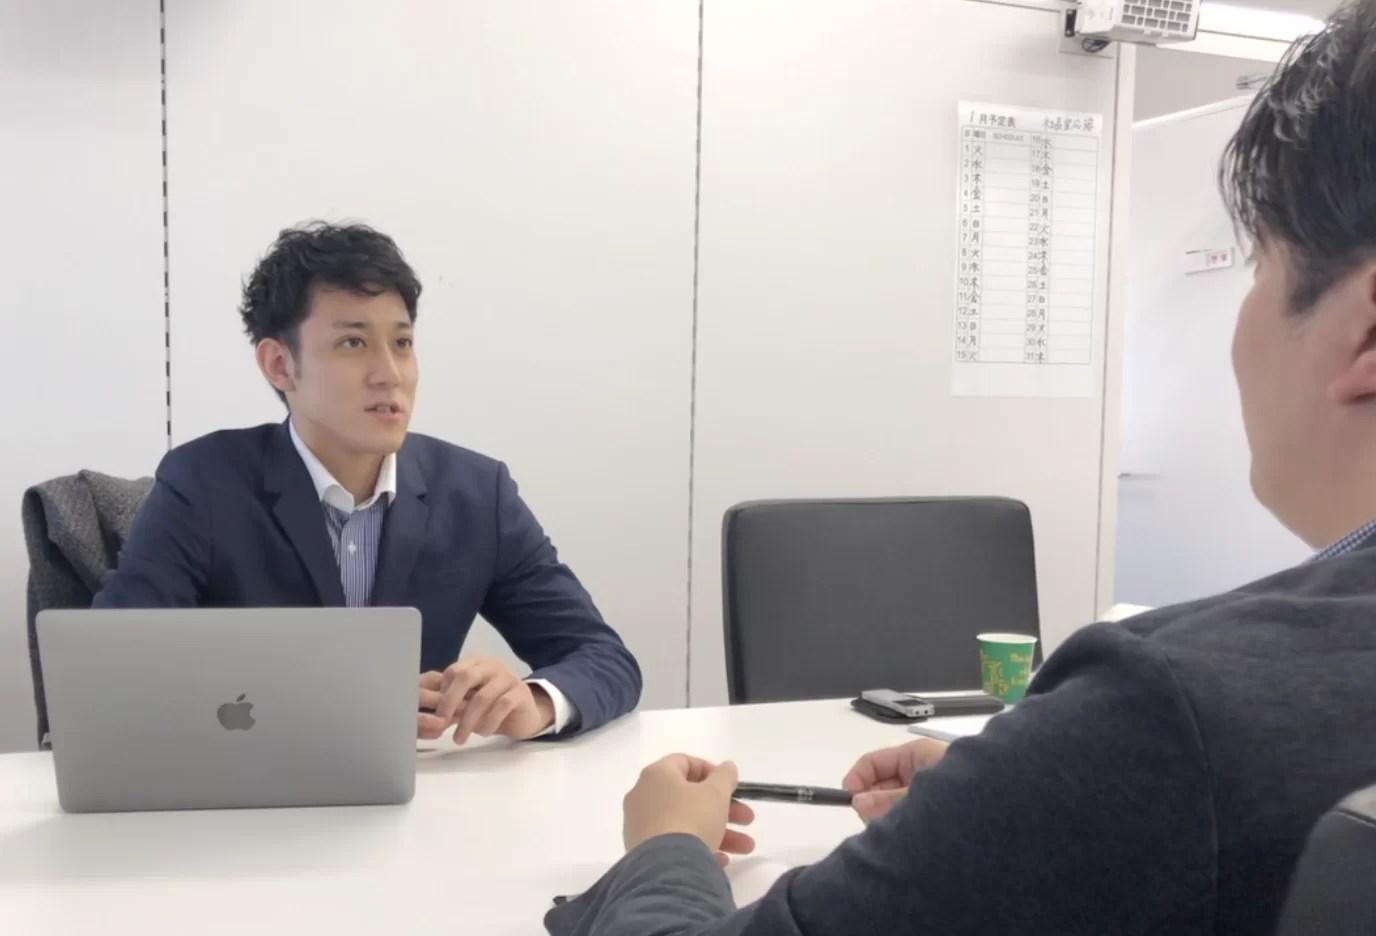 日刊ゲンダイ インタビュー風景2